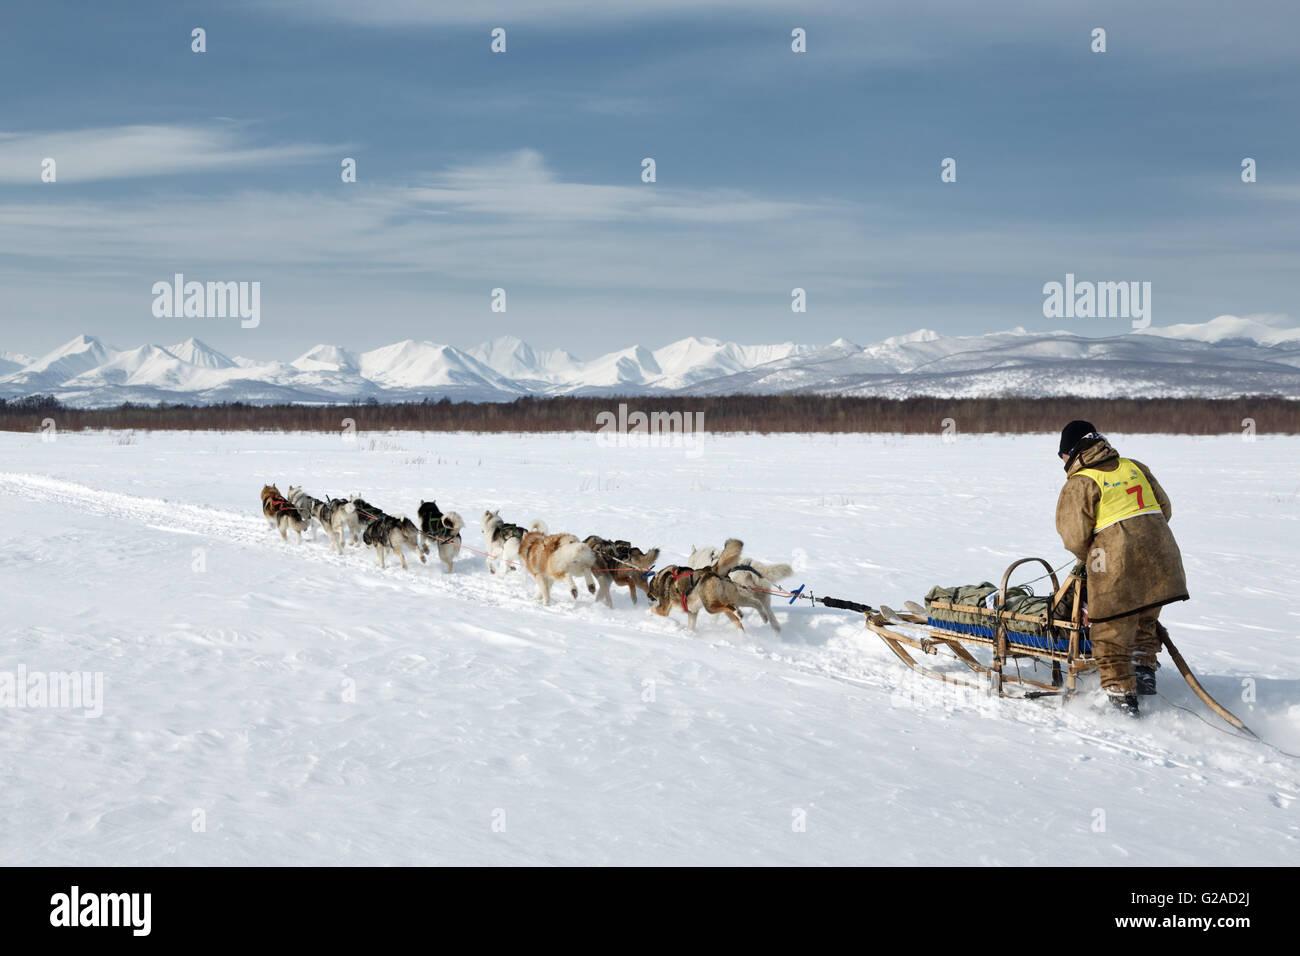 L'équipe de chien de traîneau musher Chuprin Valery fonctionne sur un arrière-plan des montagnes. Course de chiens Banque D'Images